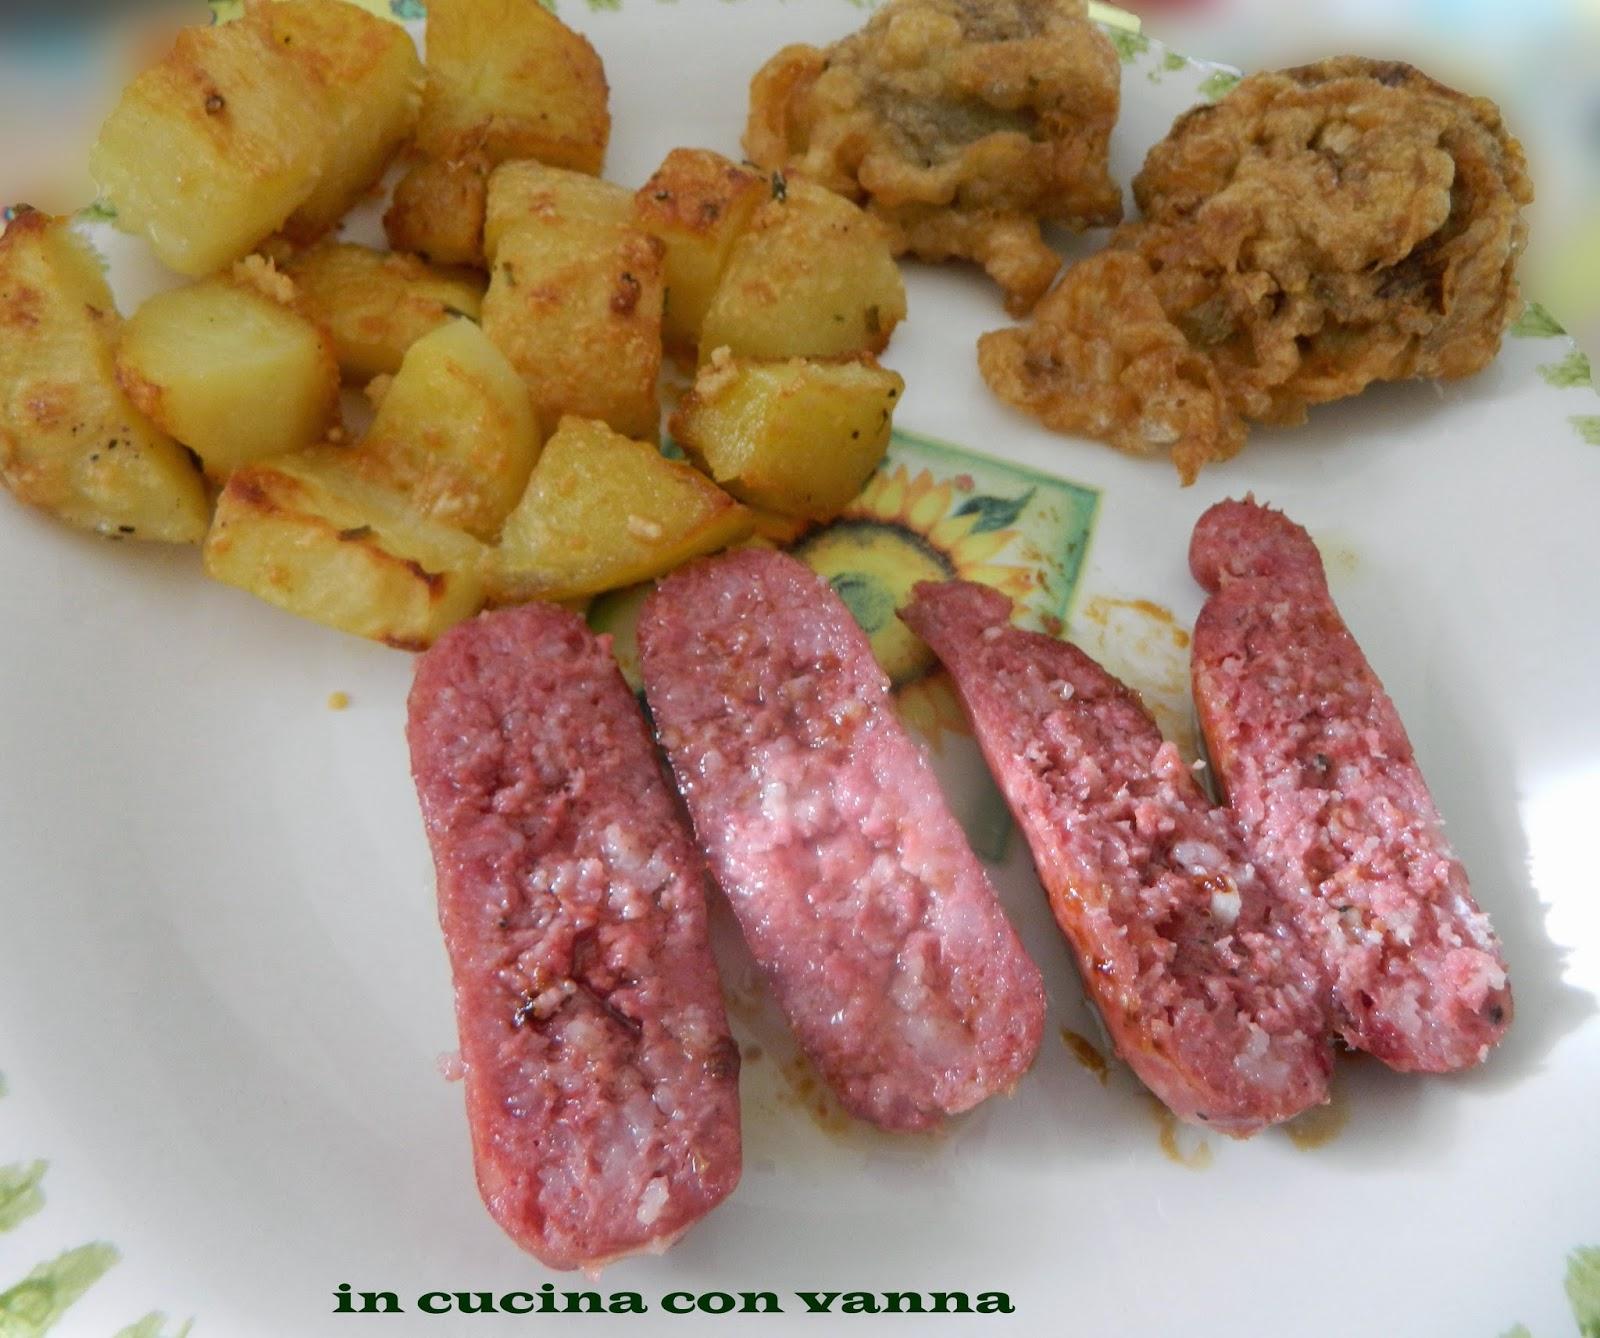 salsiccia di norcia al vino bianco, con contorno di patate al forno e carciofi fritti.